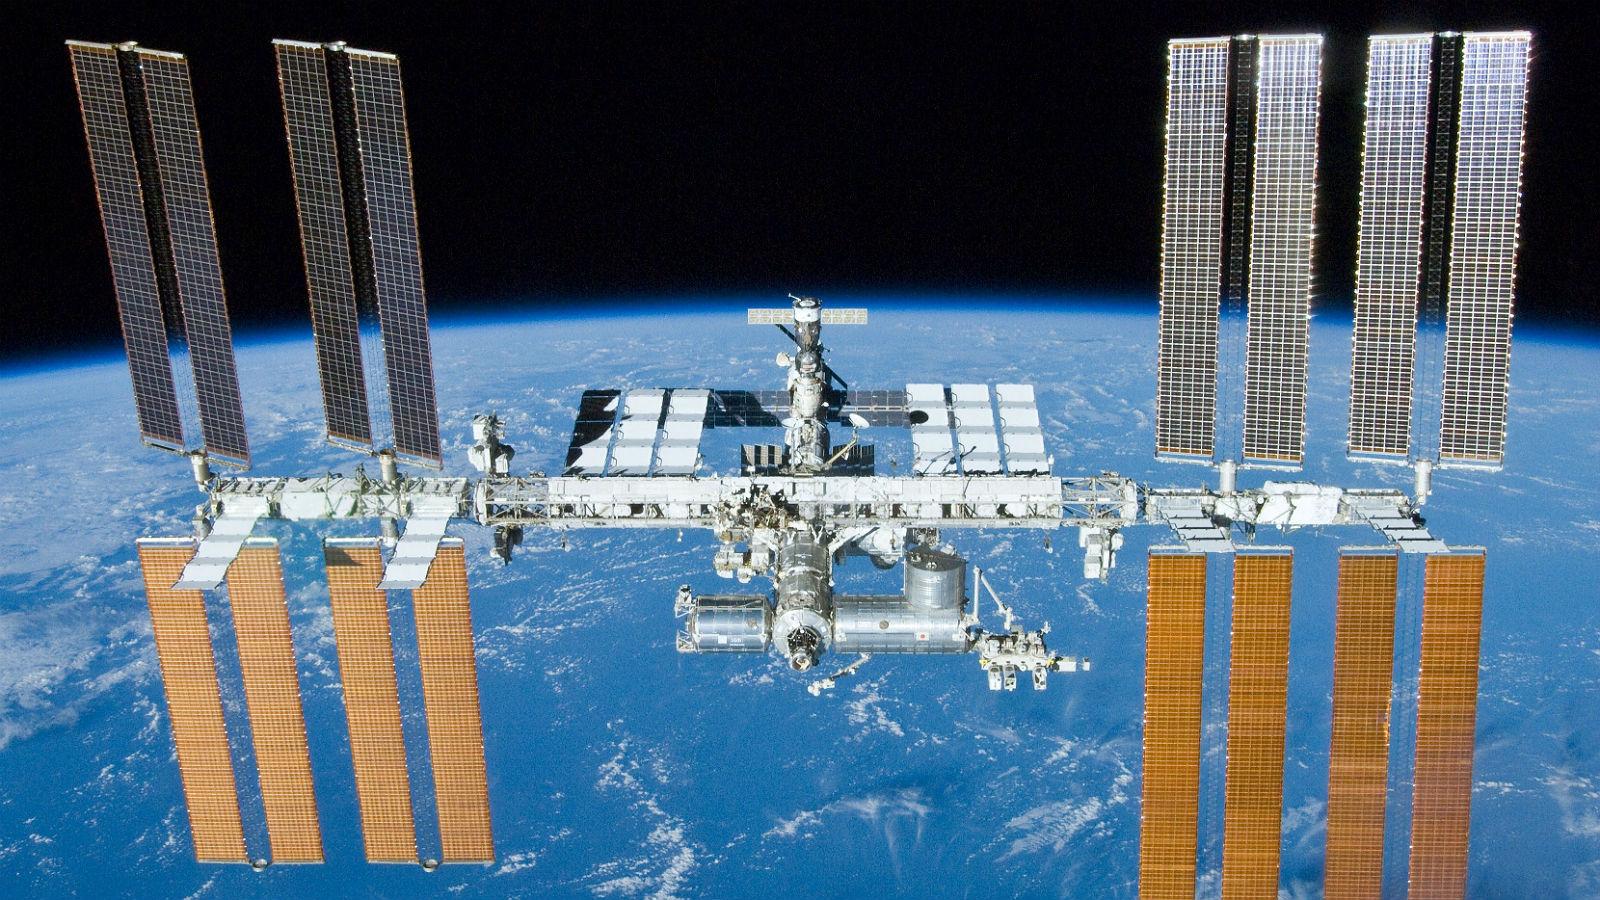 Die ISS: Man erkennt die riesigen Solarpanels und die einzelnen röhrenförmigen Module. Bild: NASA